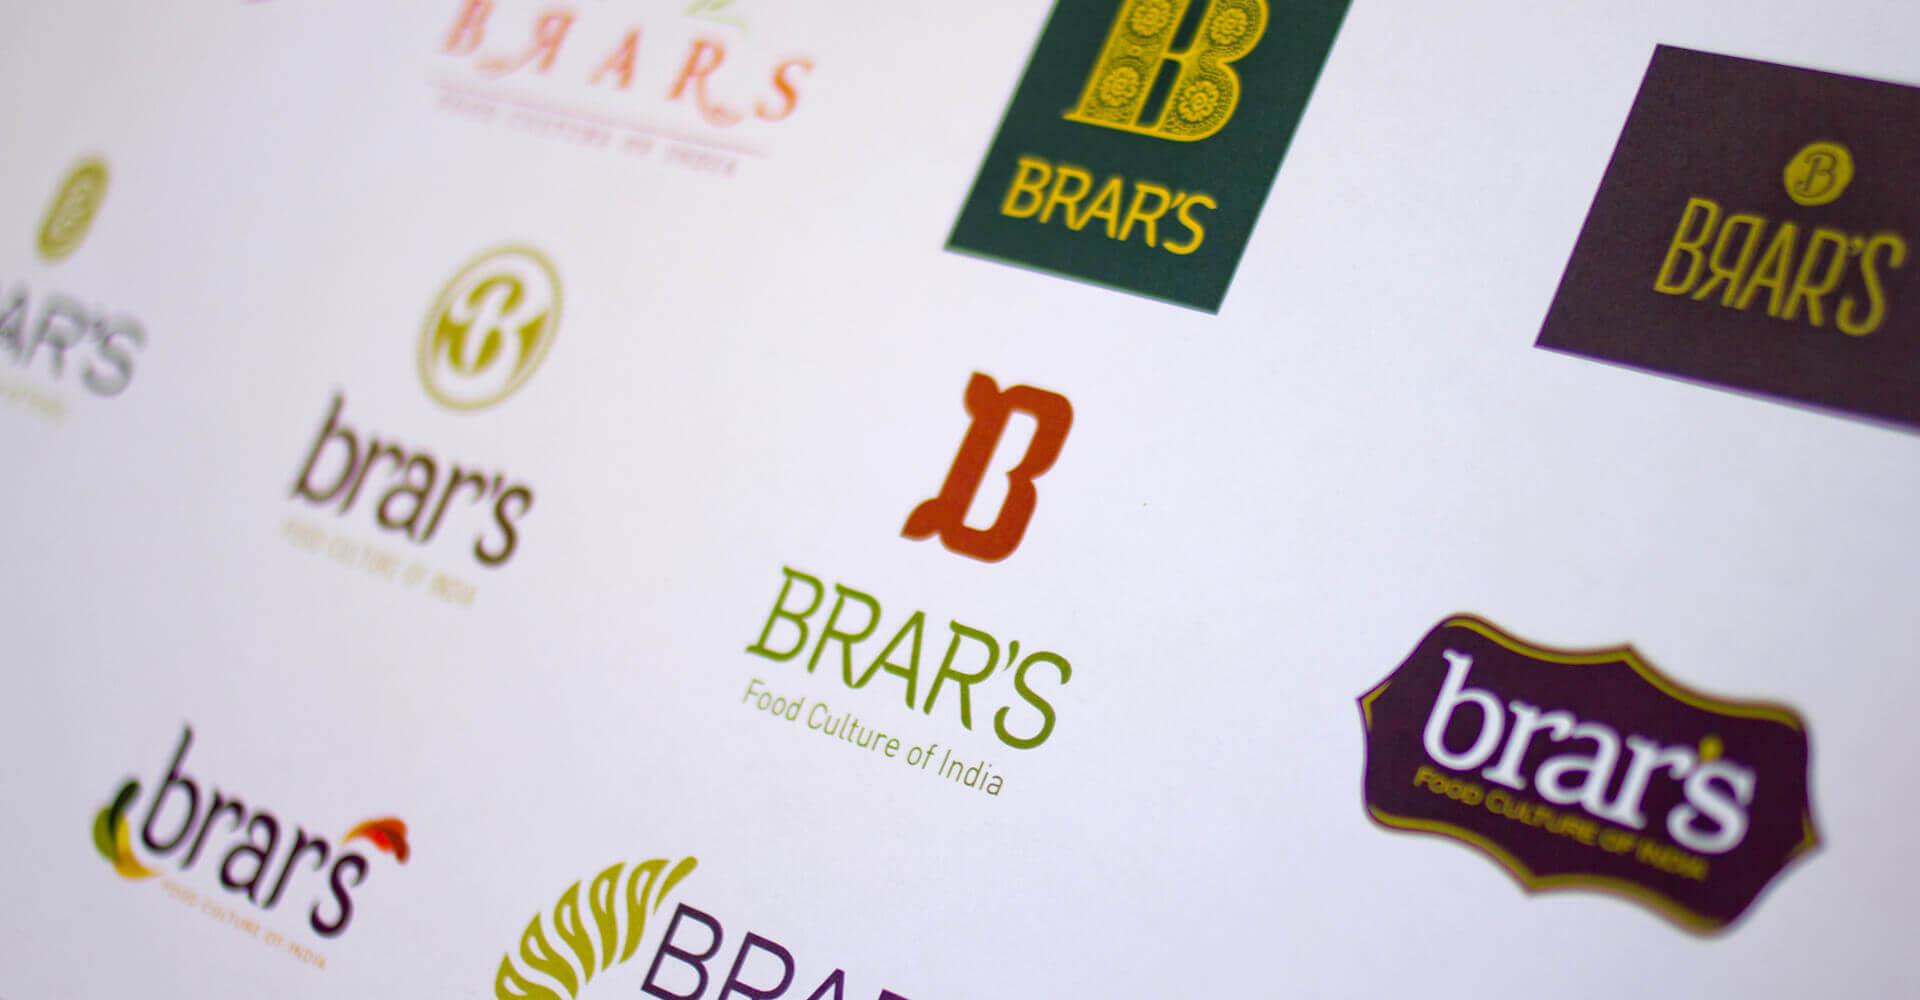 Brar's